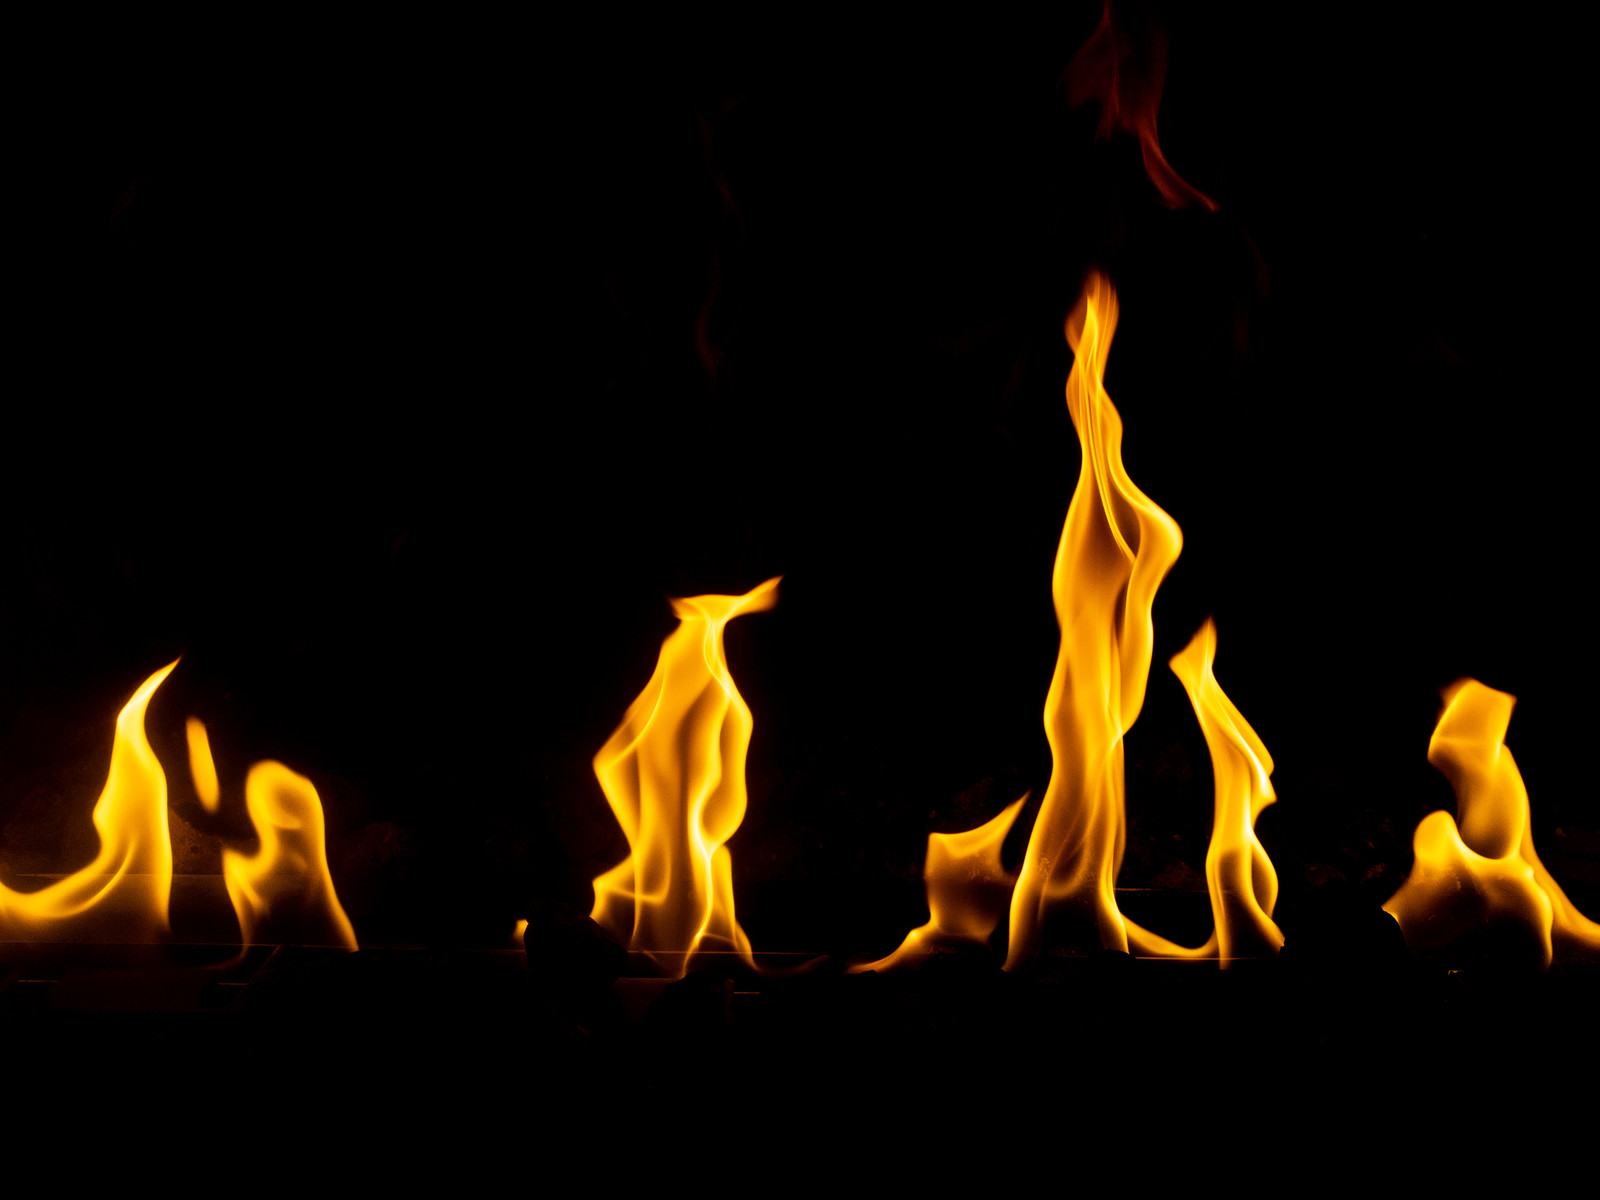 「メラメラ燃える」の写真